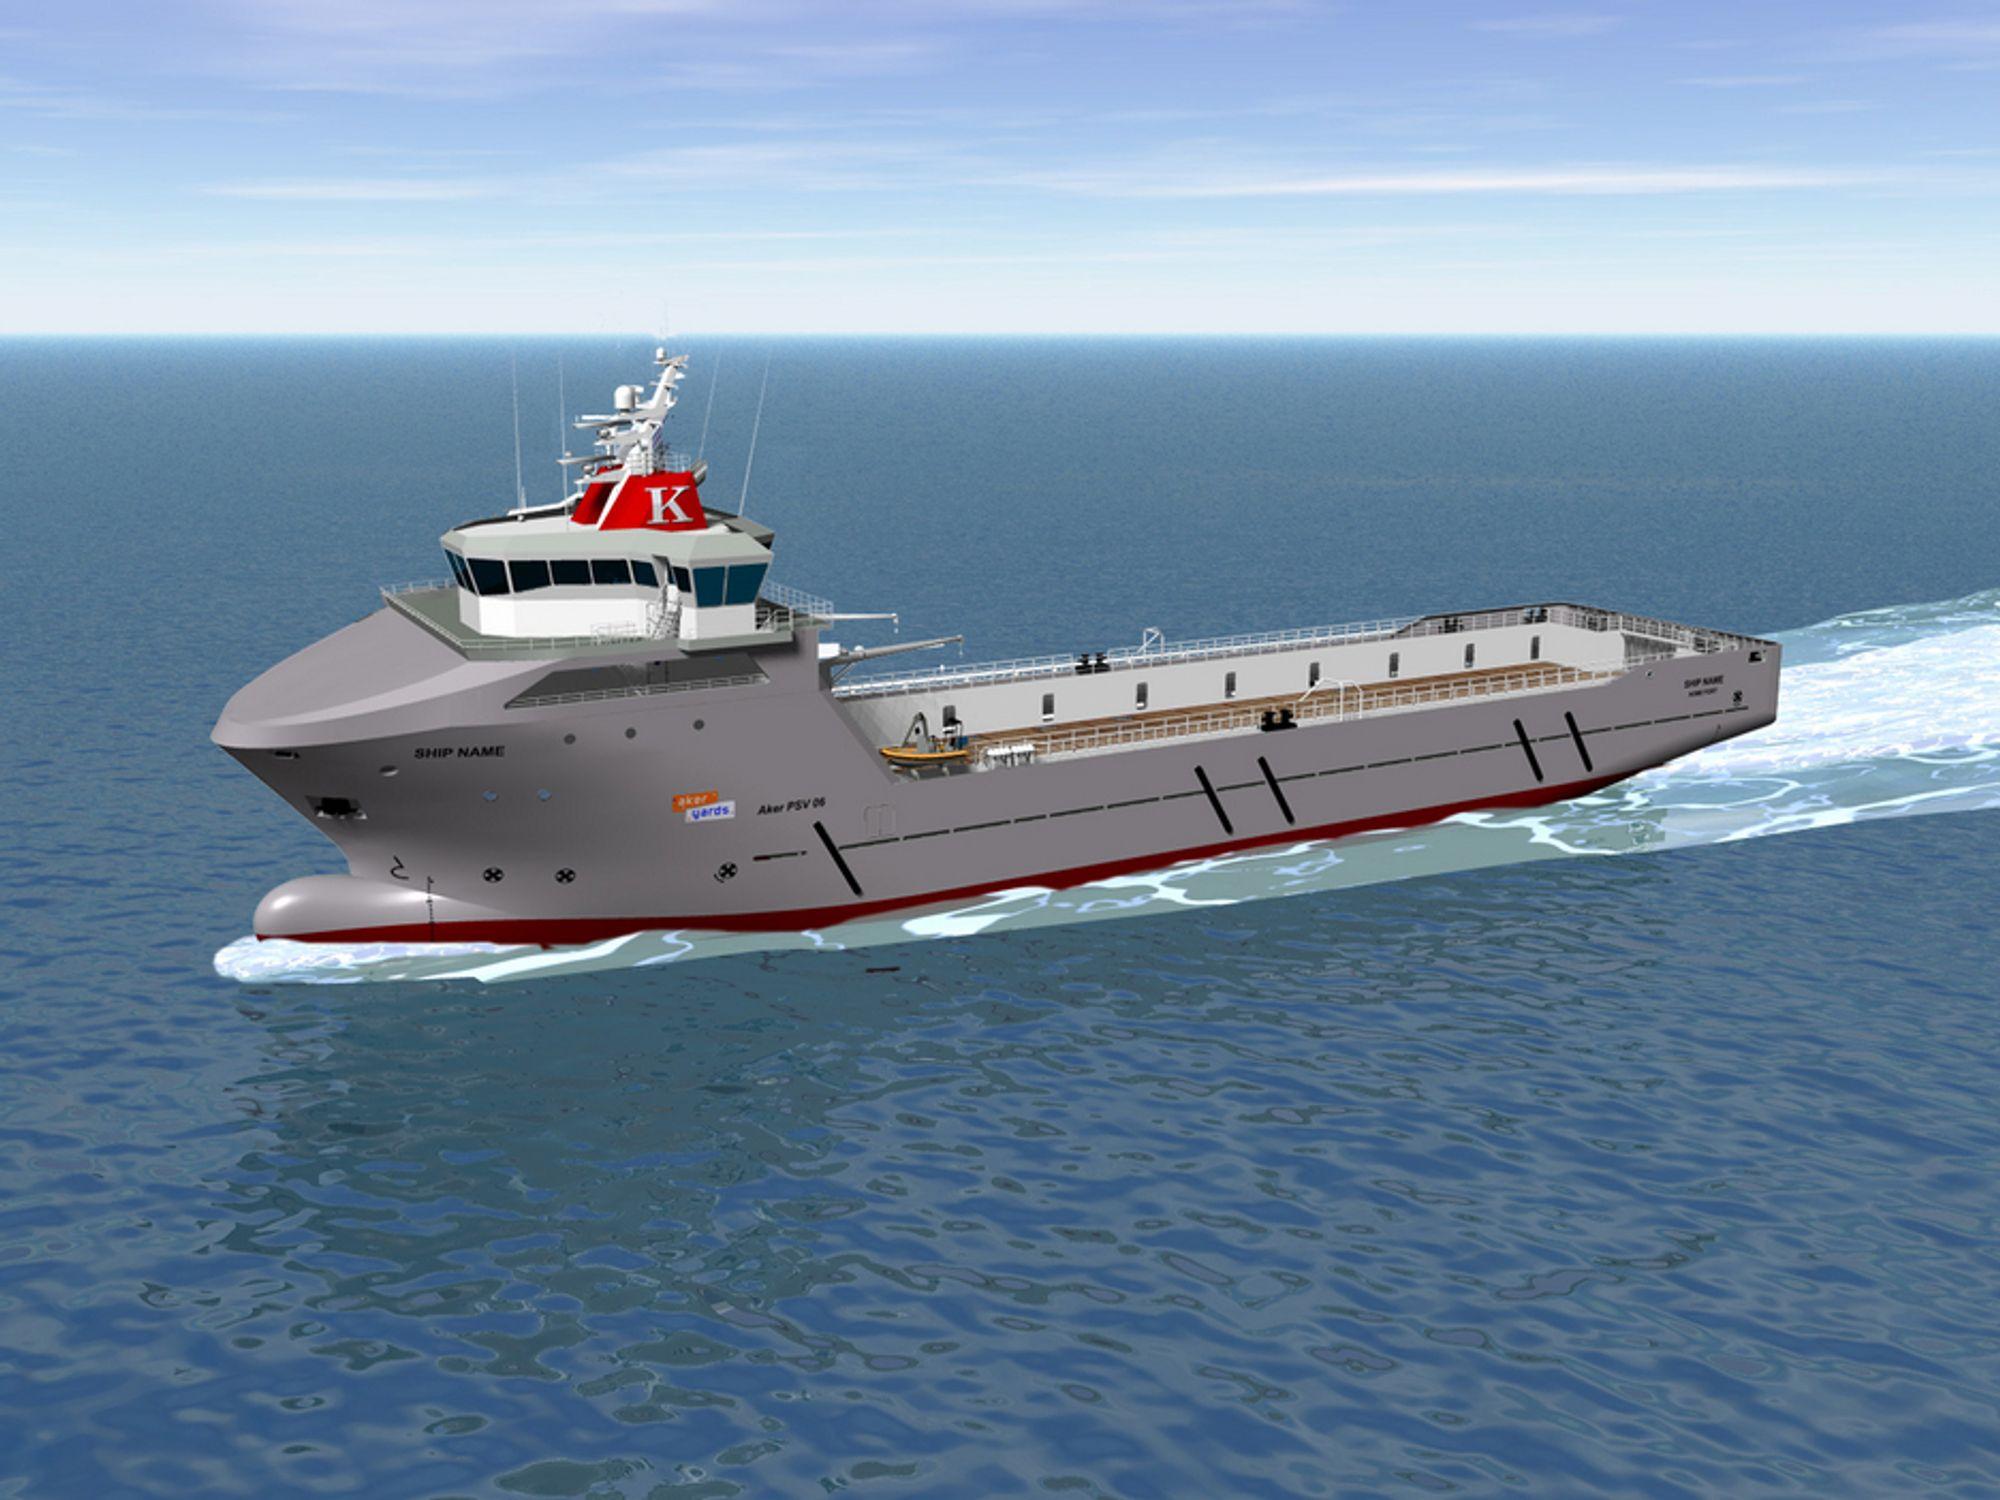 JAPANSK-NORSK FORBRØDRING: Et av verdens største rederier K Line etablerer et offshore rederi i Norge, K Line Offshore AS. Hittil har rederiet bestilt seks skip.